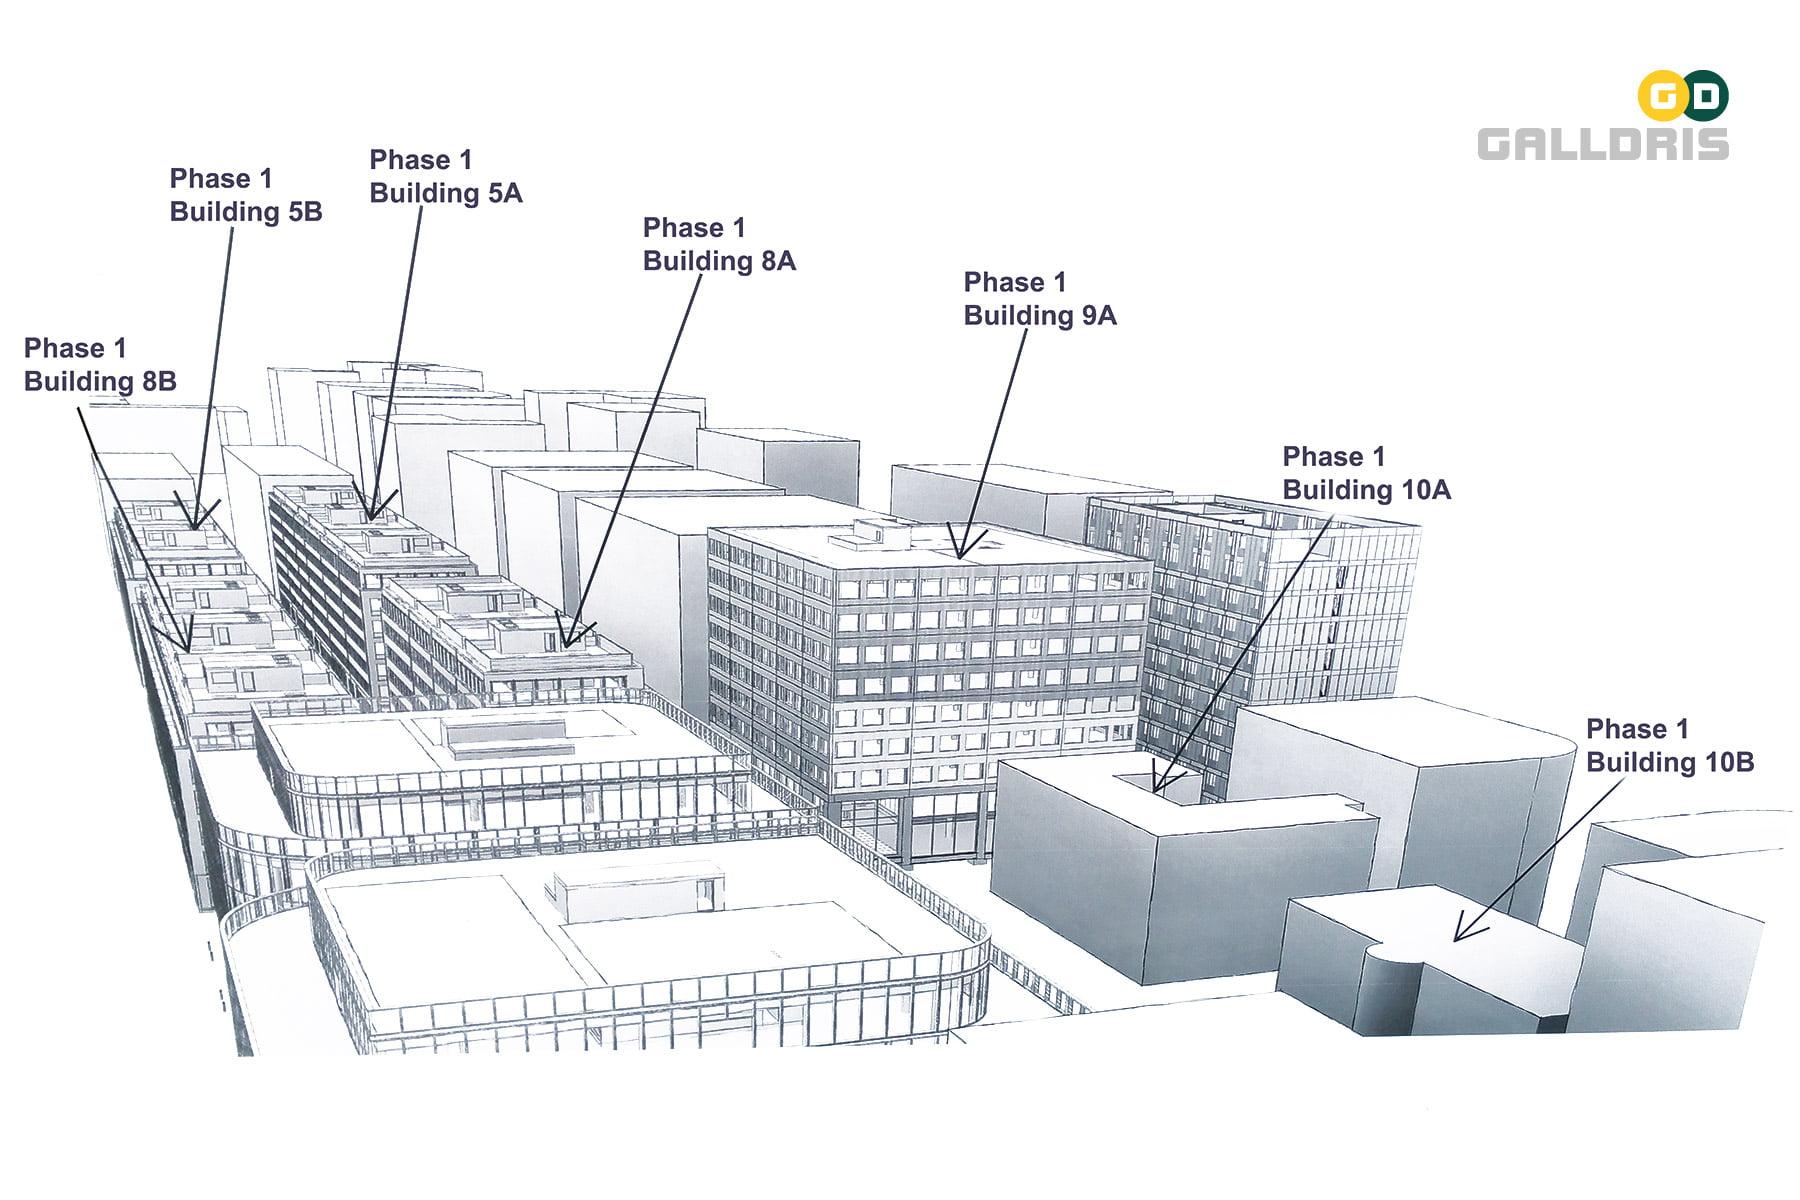 Royal Albert Dock Masterplan Galldris